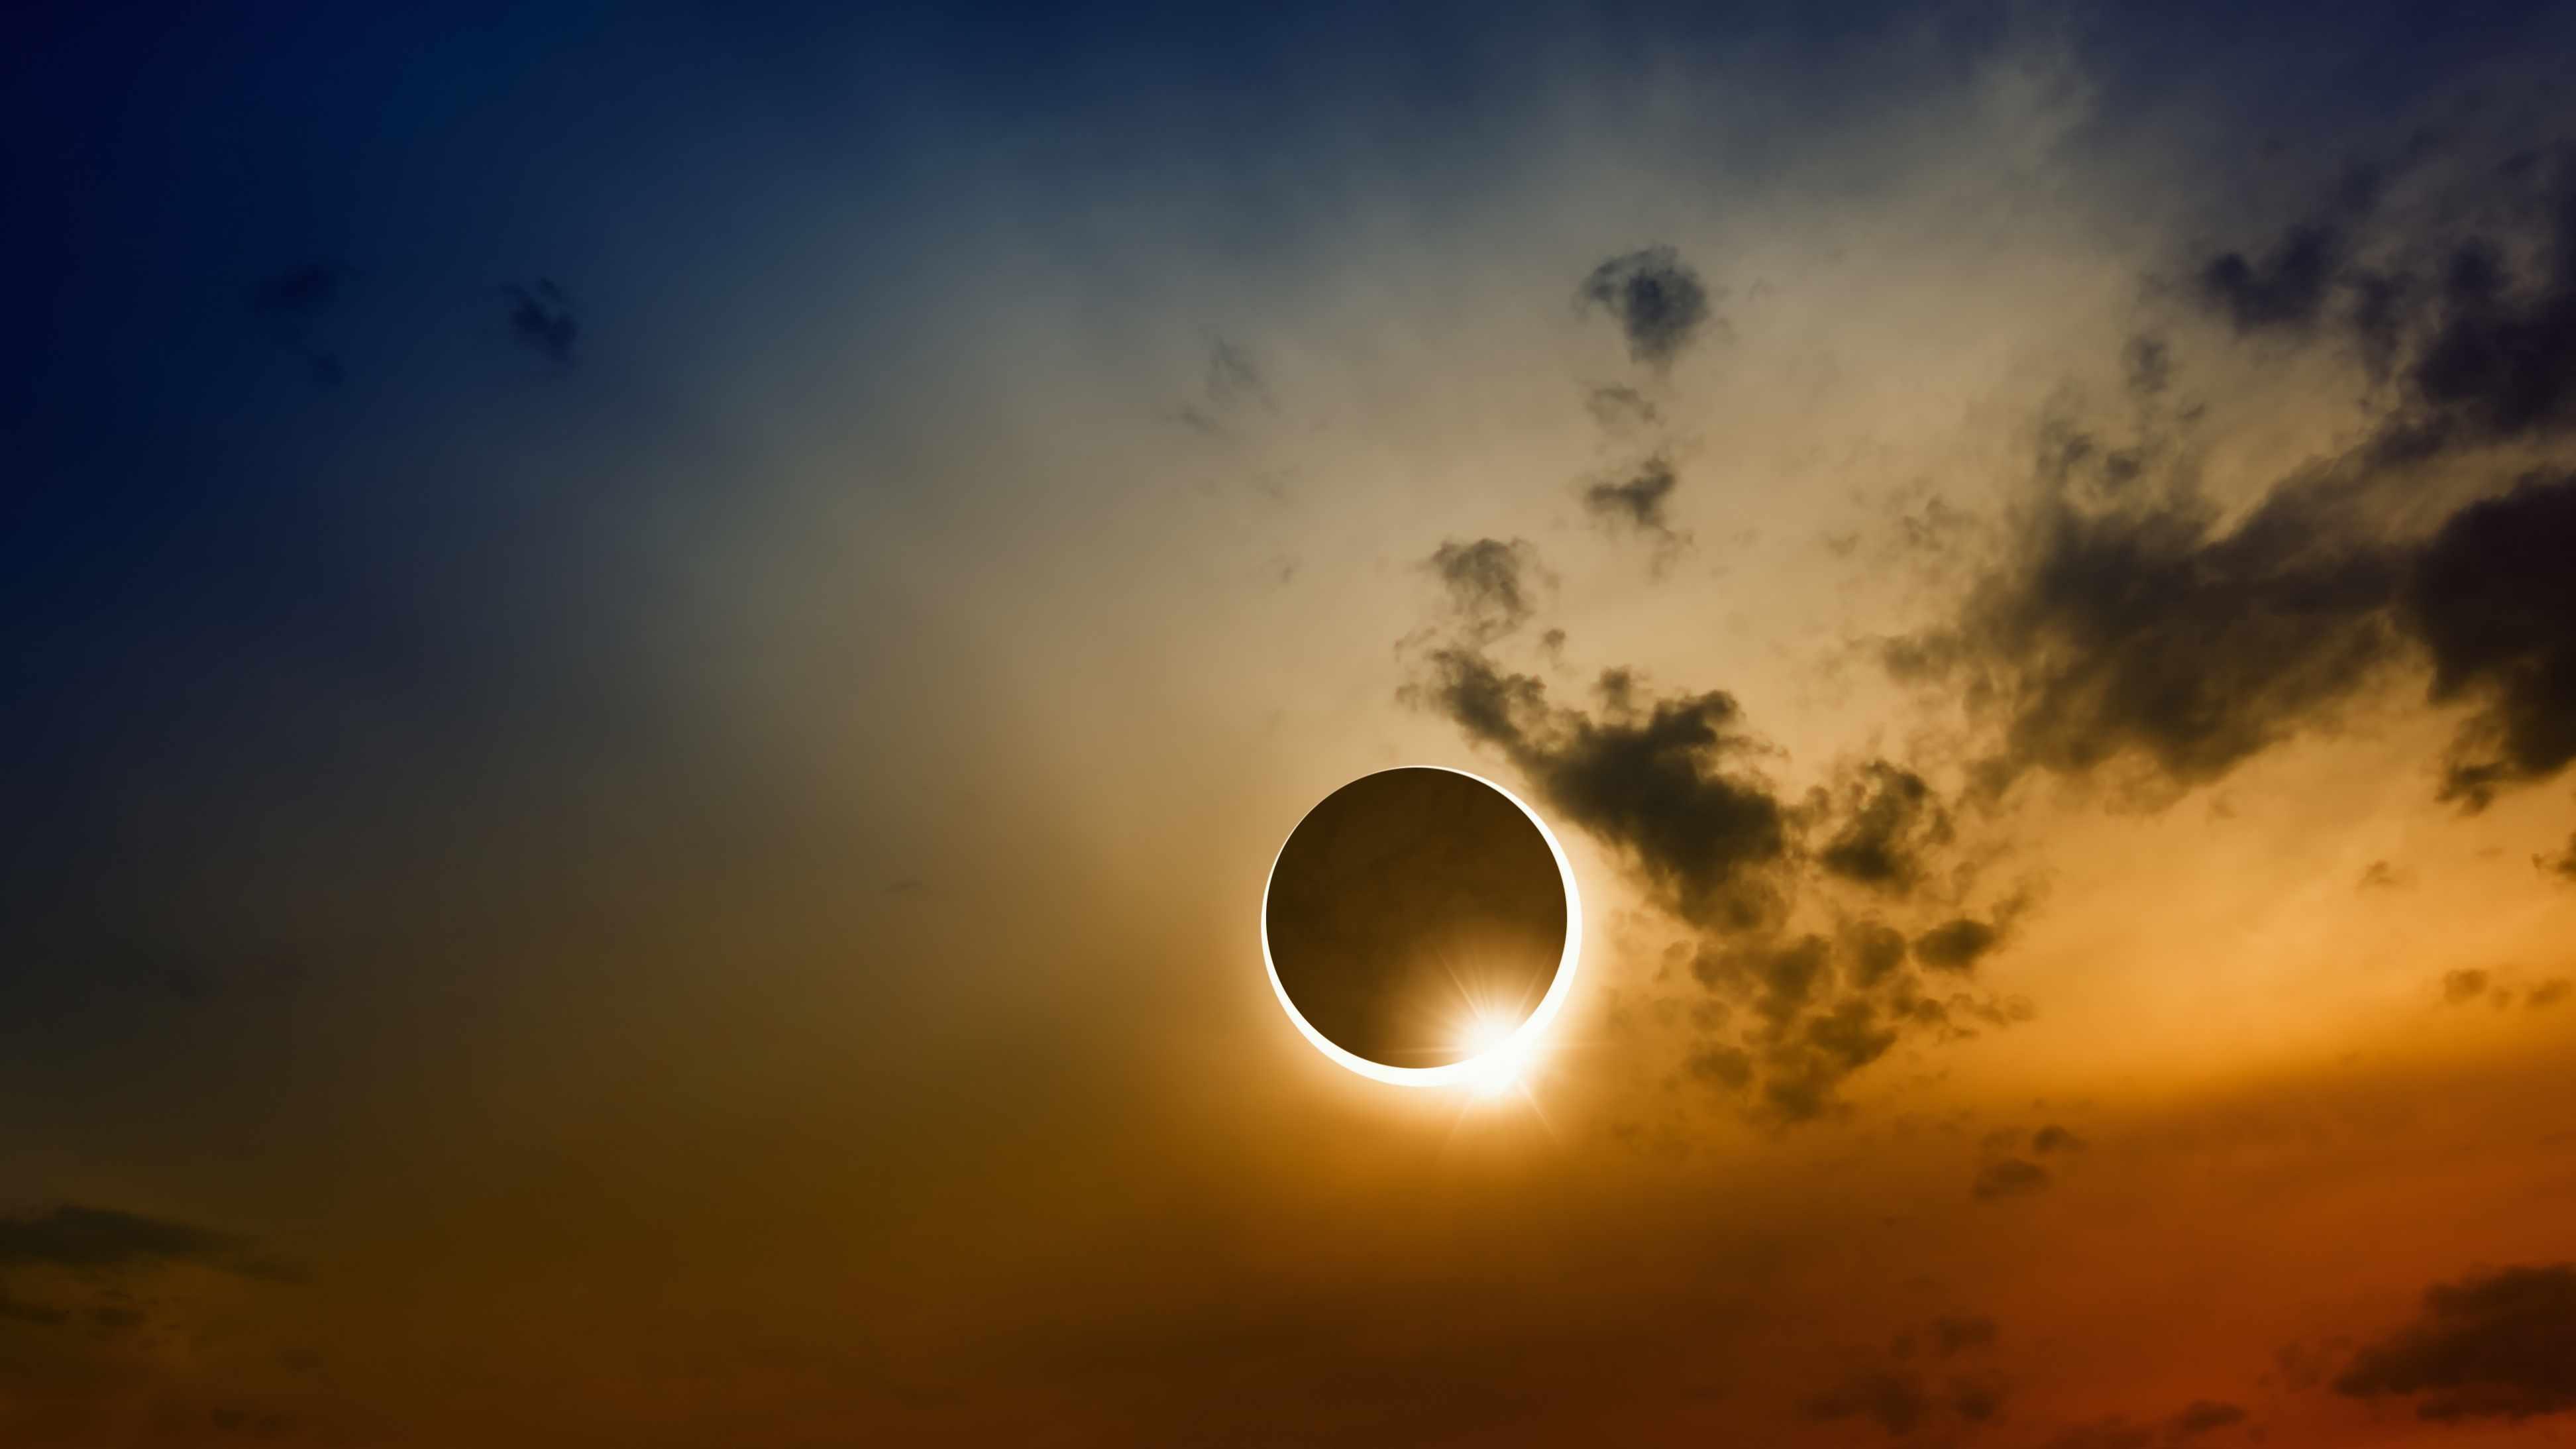 Затмение солнца полное солнечное затмение и другие виды